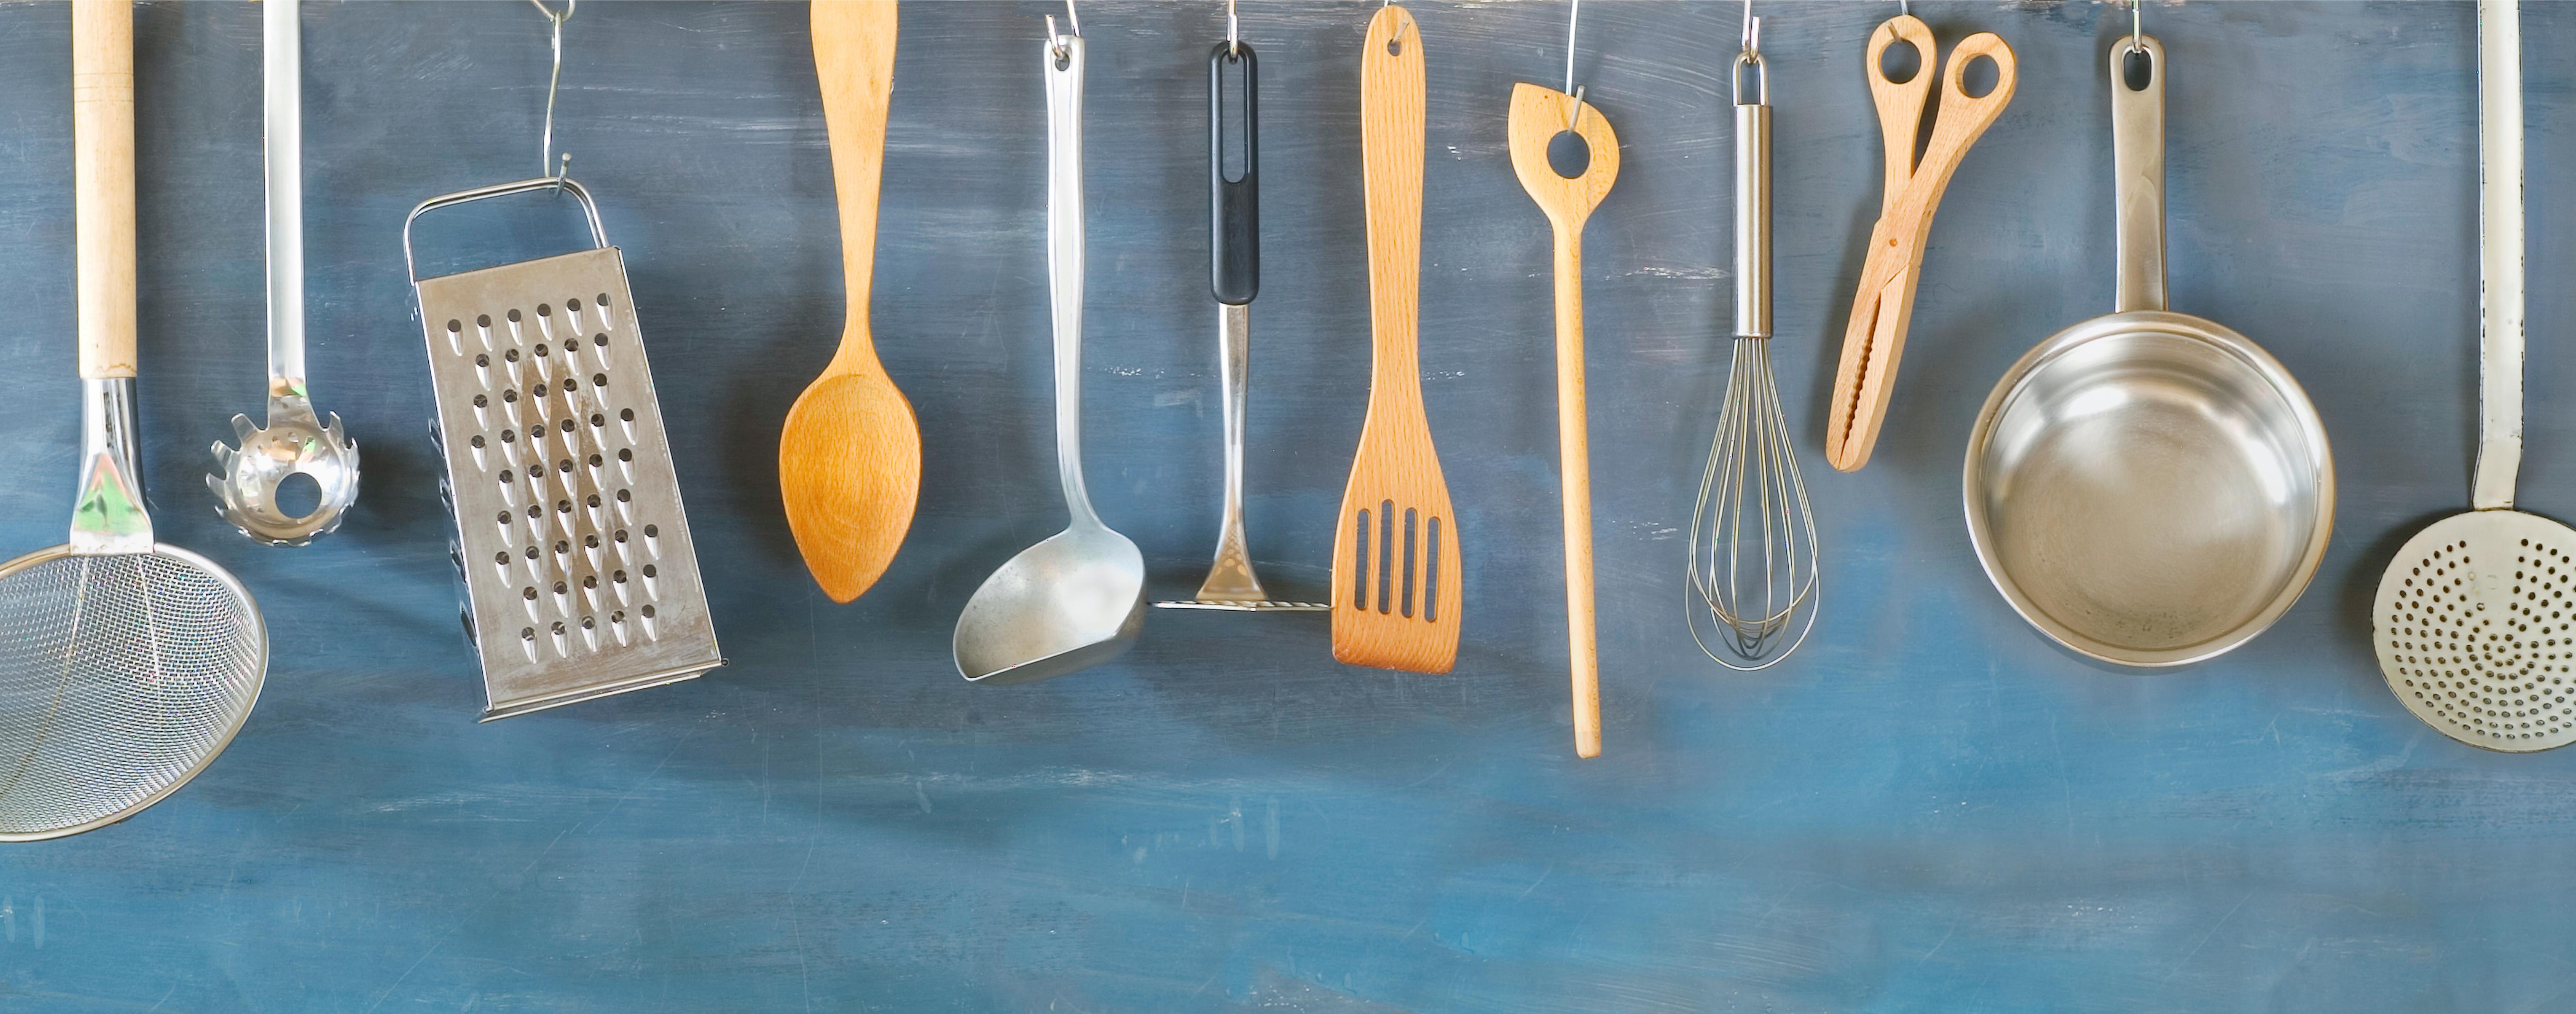 Utensili Da Cucina Quali Sono I Materiali Piu Sicuri